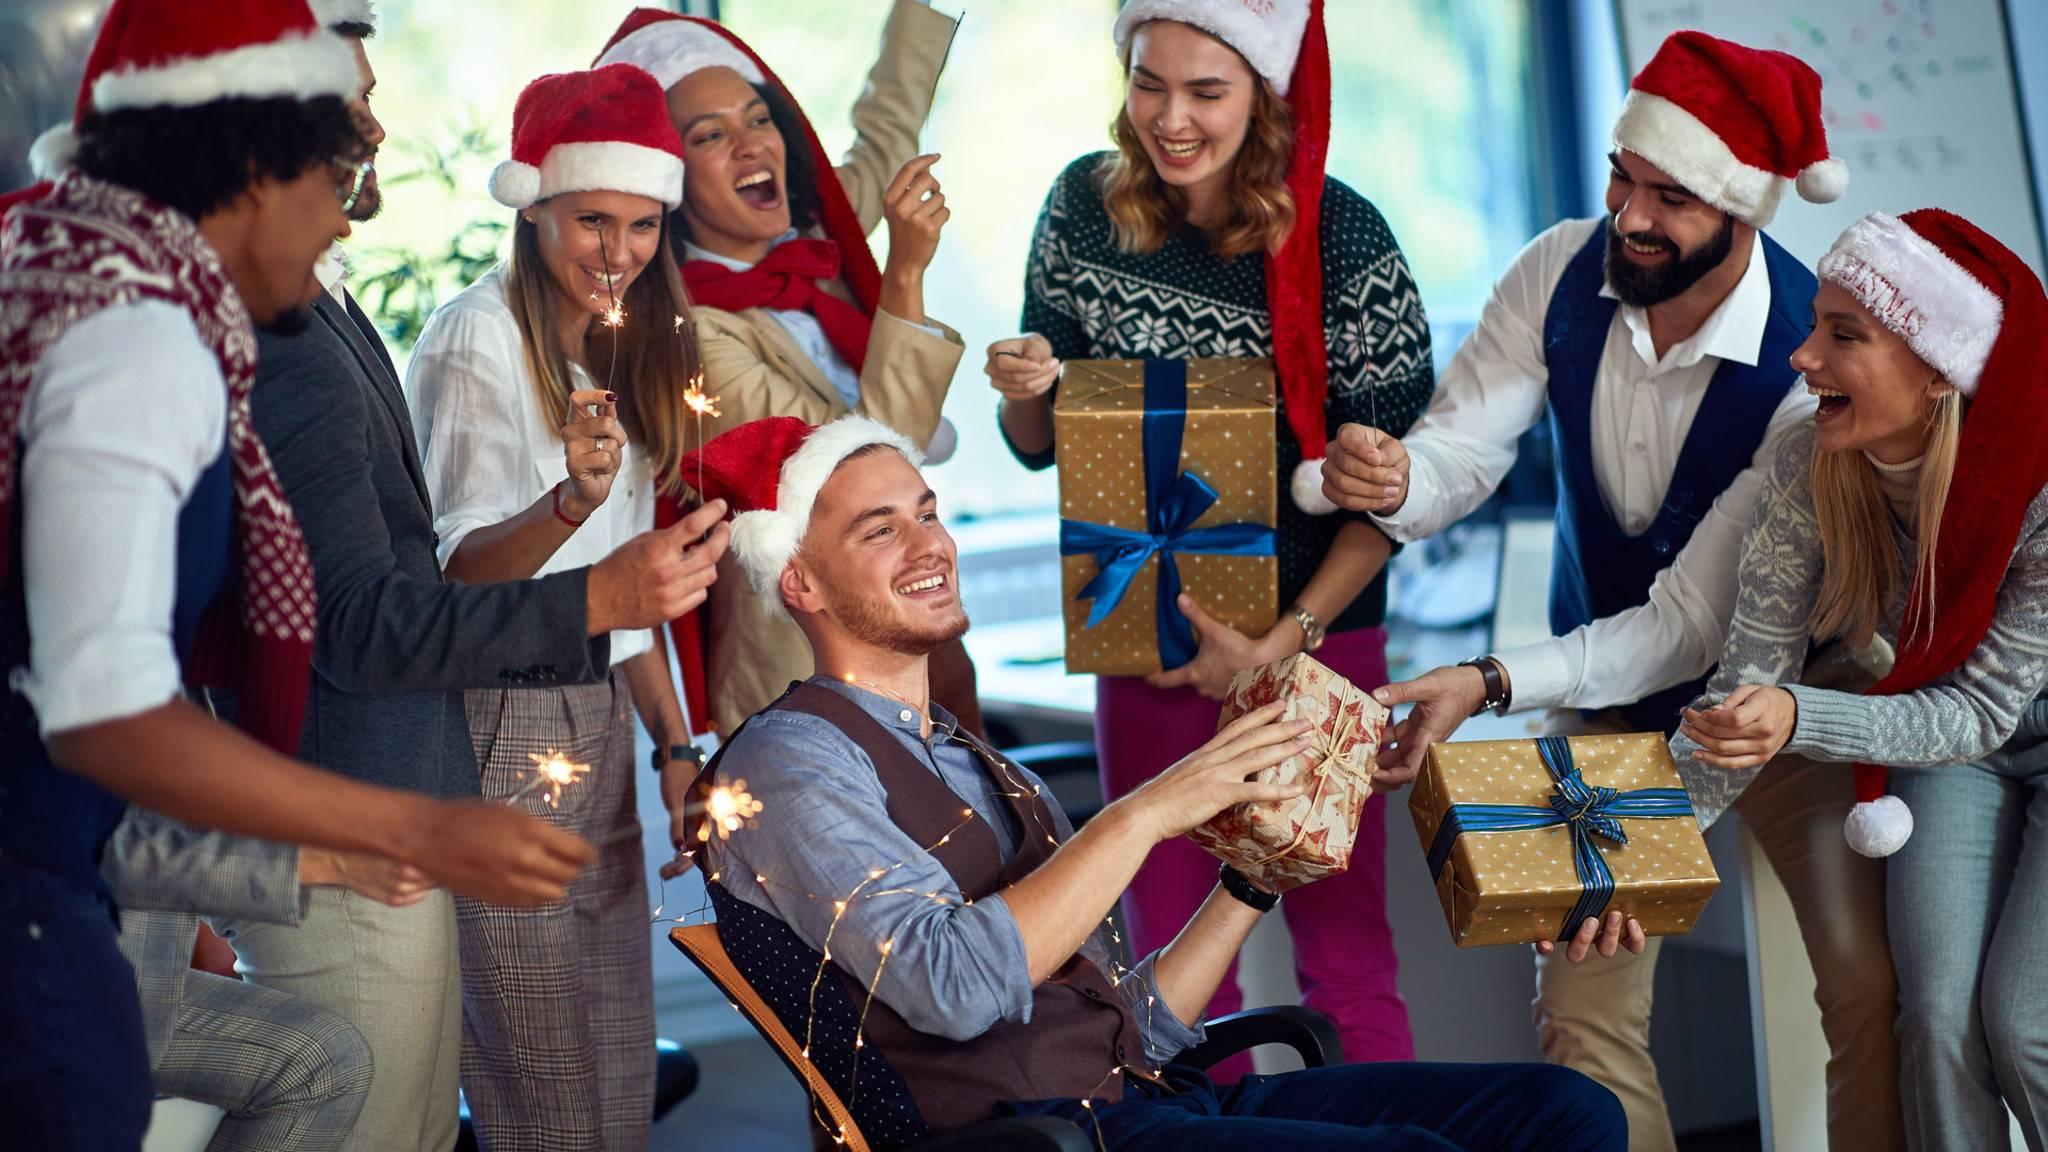 Weihnachten-Geschenke-Mann-Kollegen